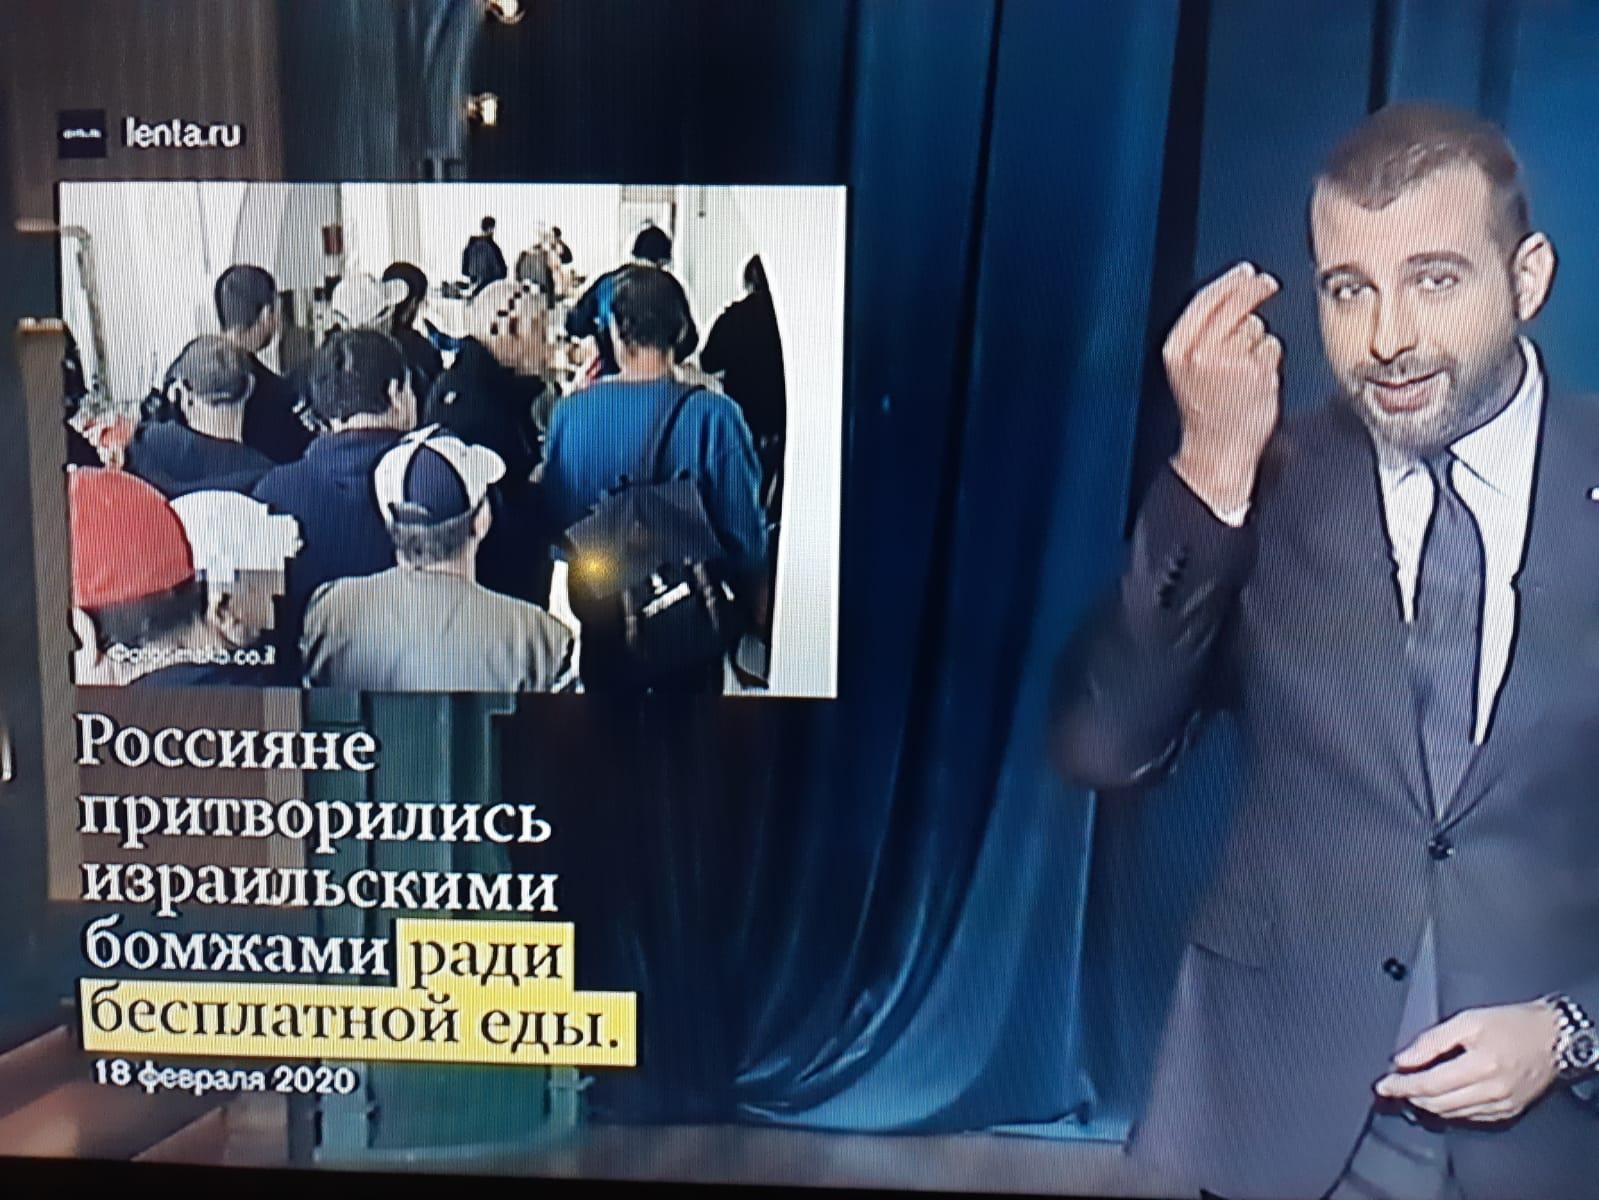 הטלויזיה הרוסית מסקרת בהרחבה את פרשת התיירים שאוכלים בבית רפאל